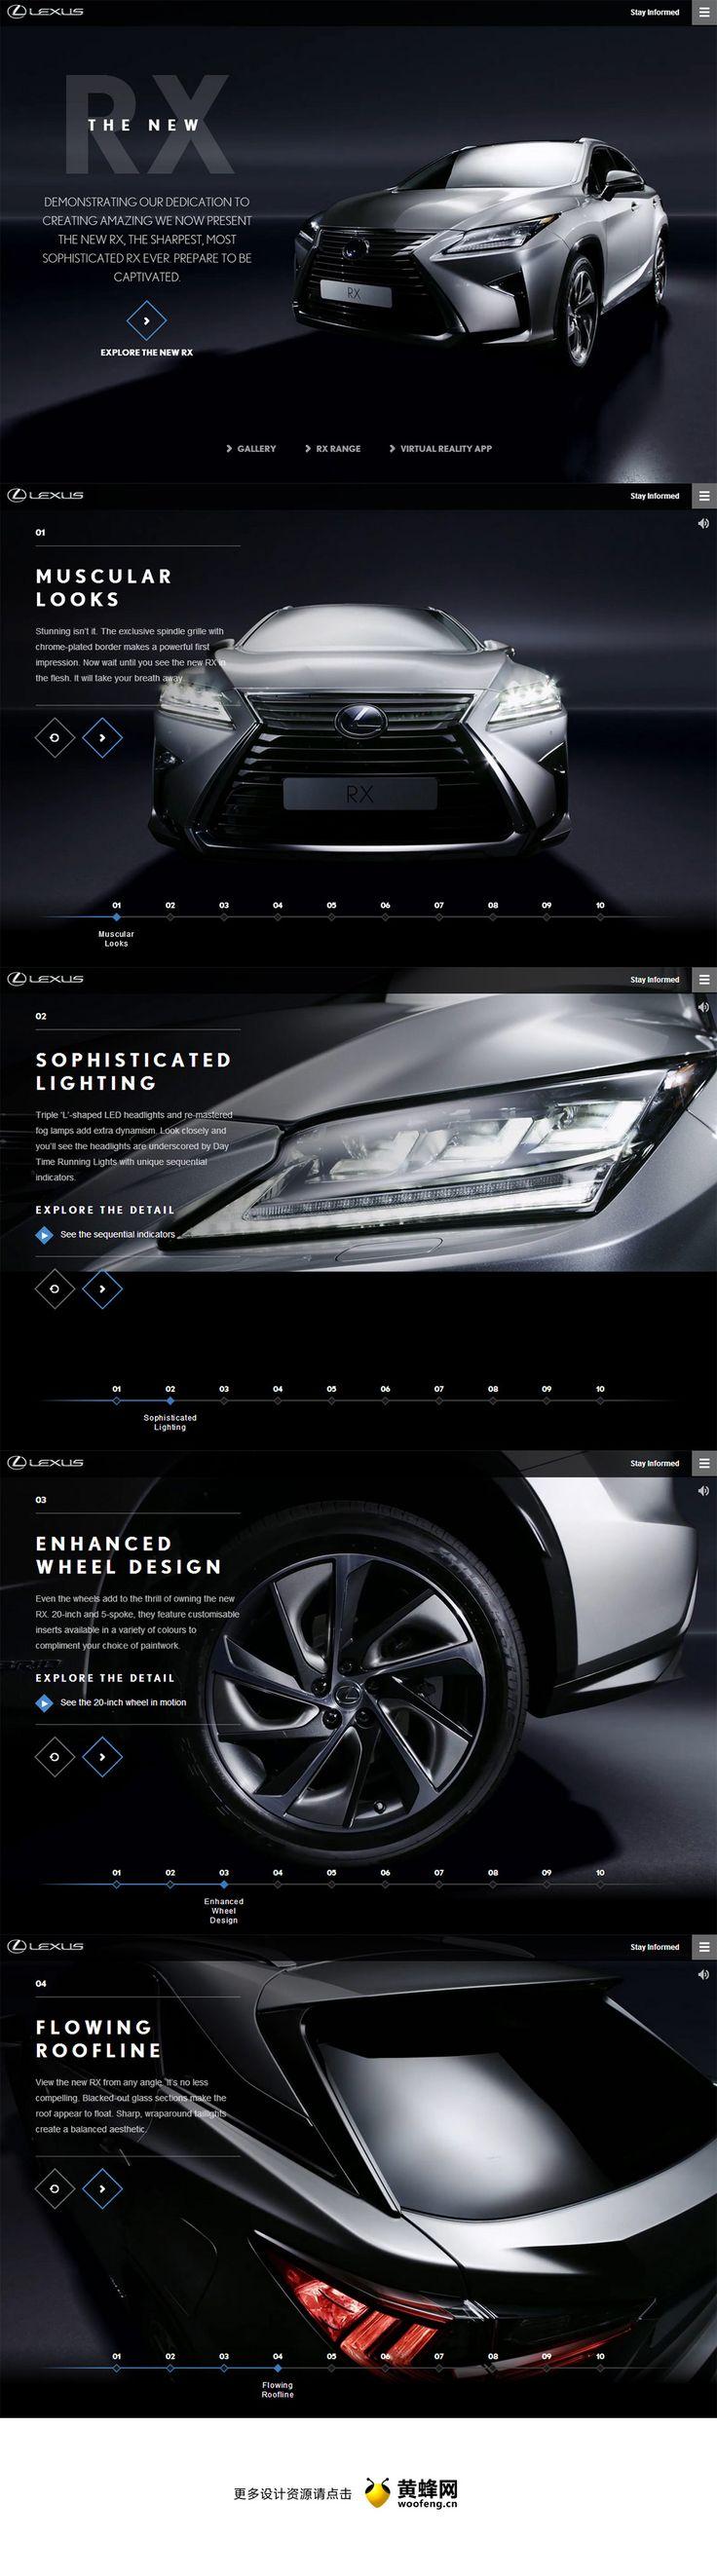 http://l1.lexus.co.uk/car-models/rx/rx-house/